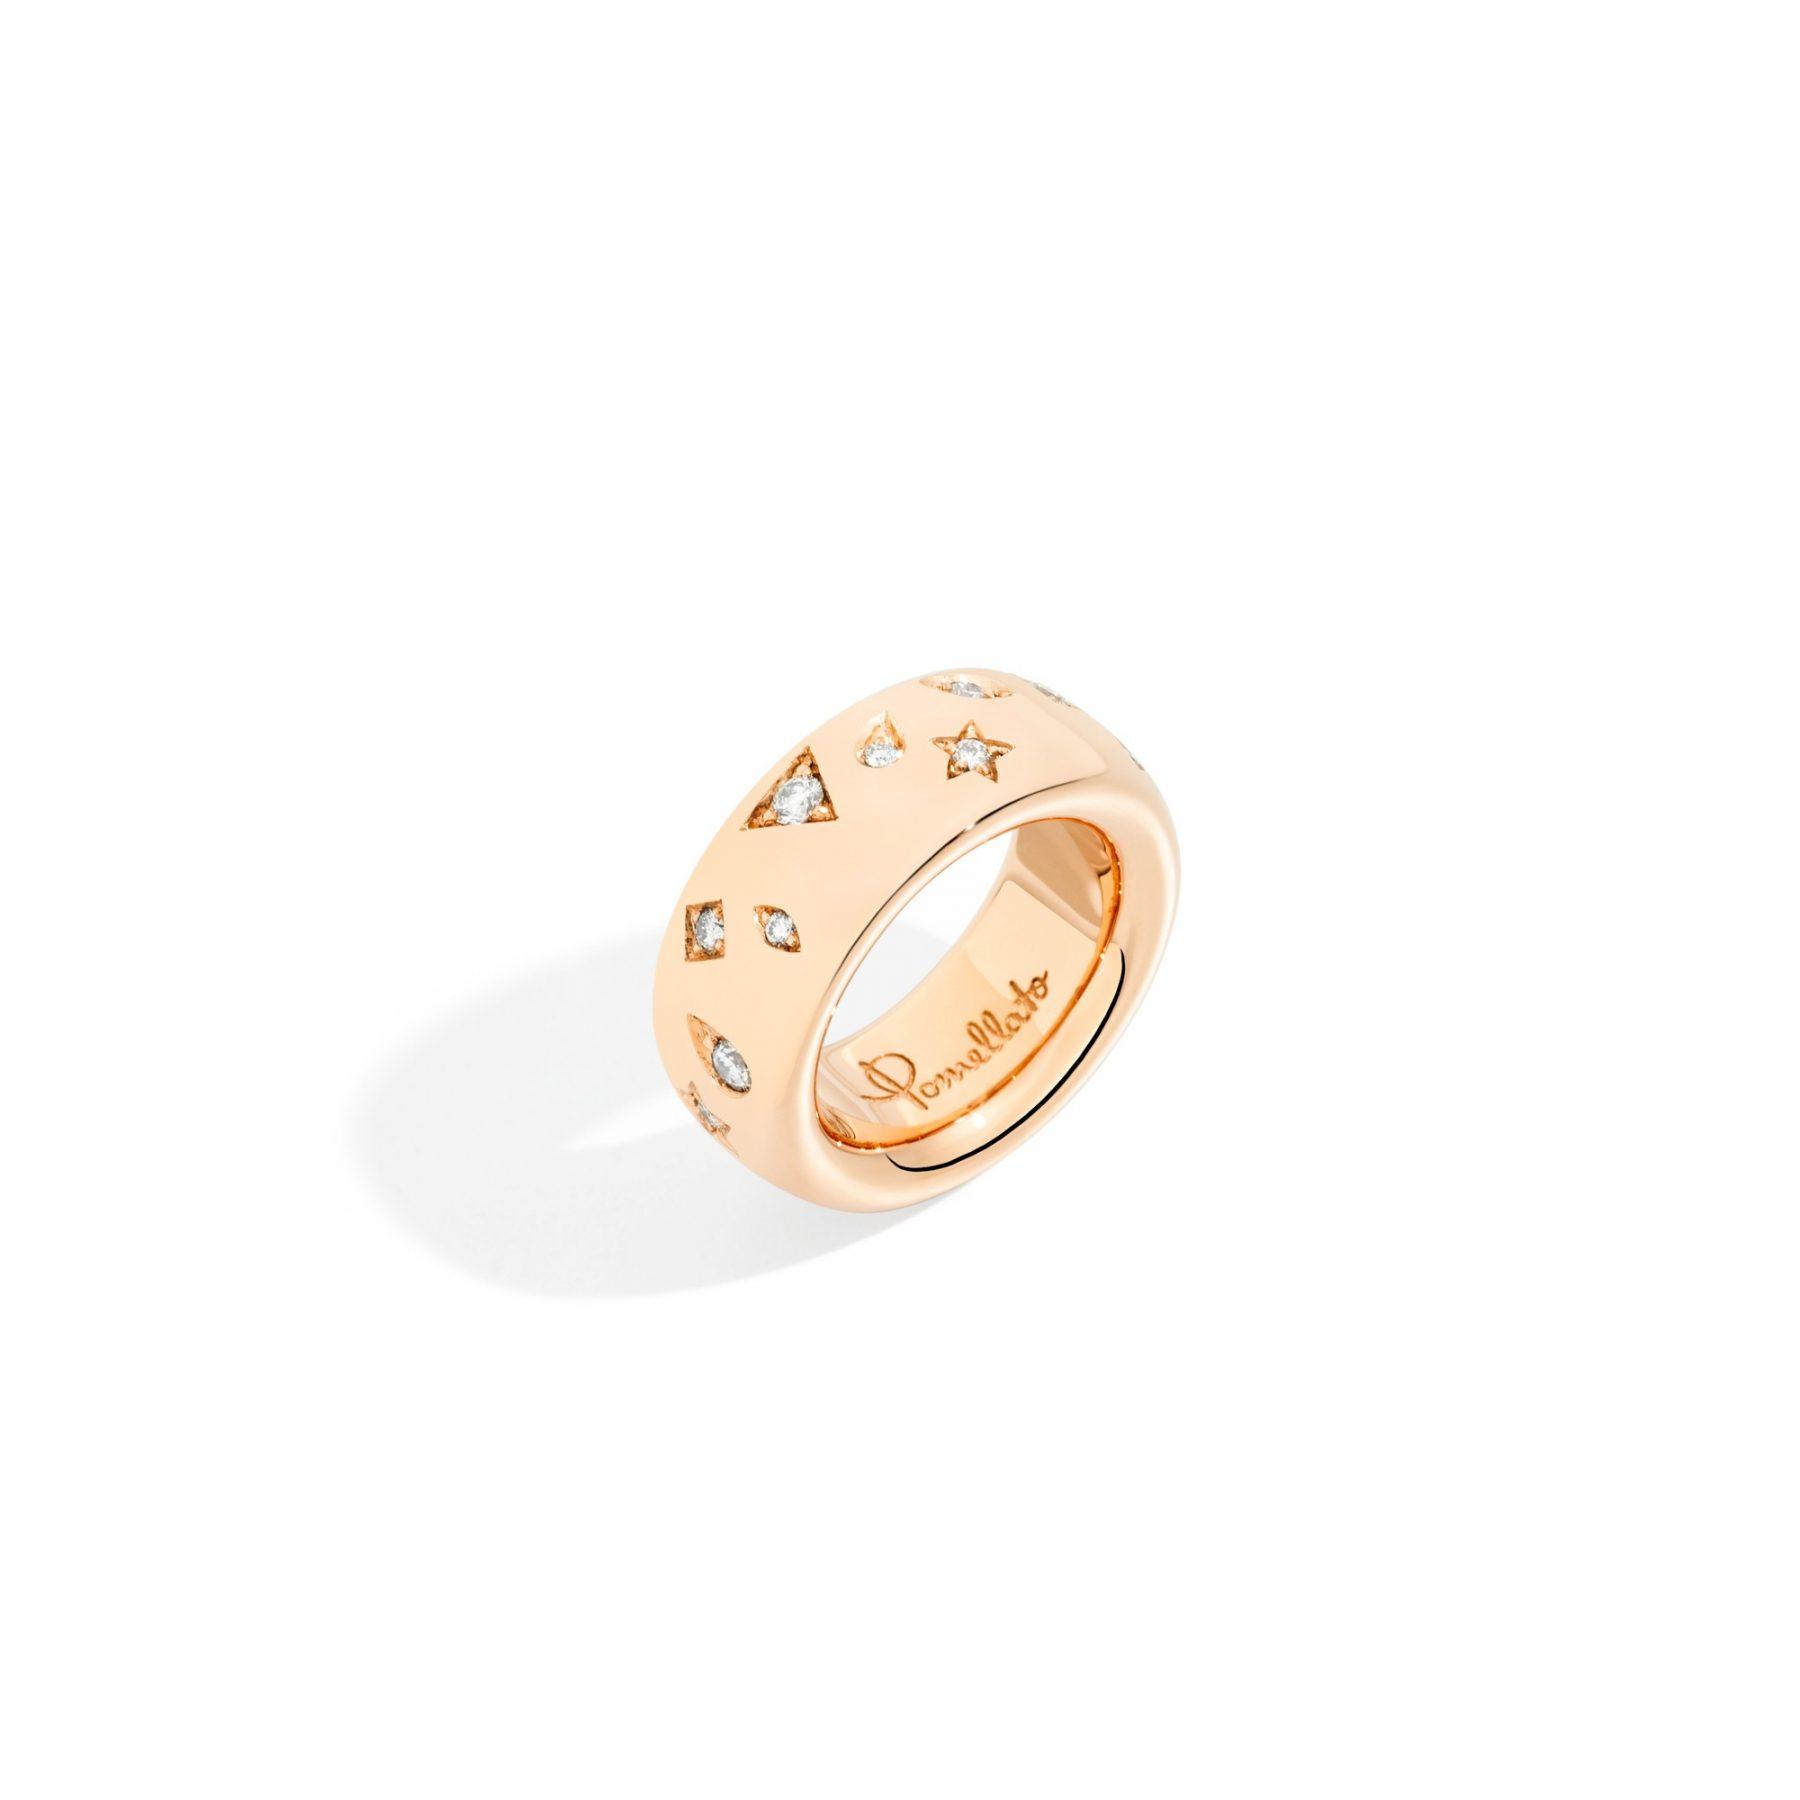 Ring Iconica Diamanten 18ct - Pomellato - A.910650GBO7